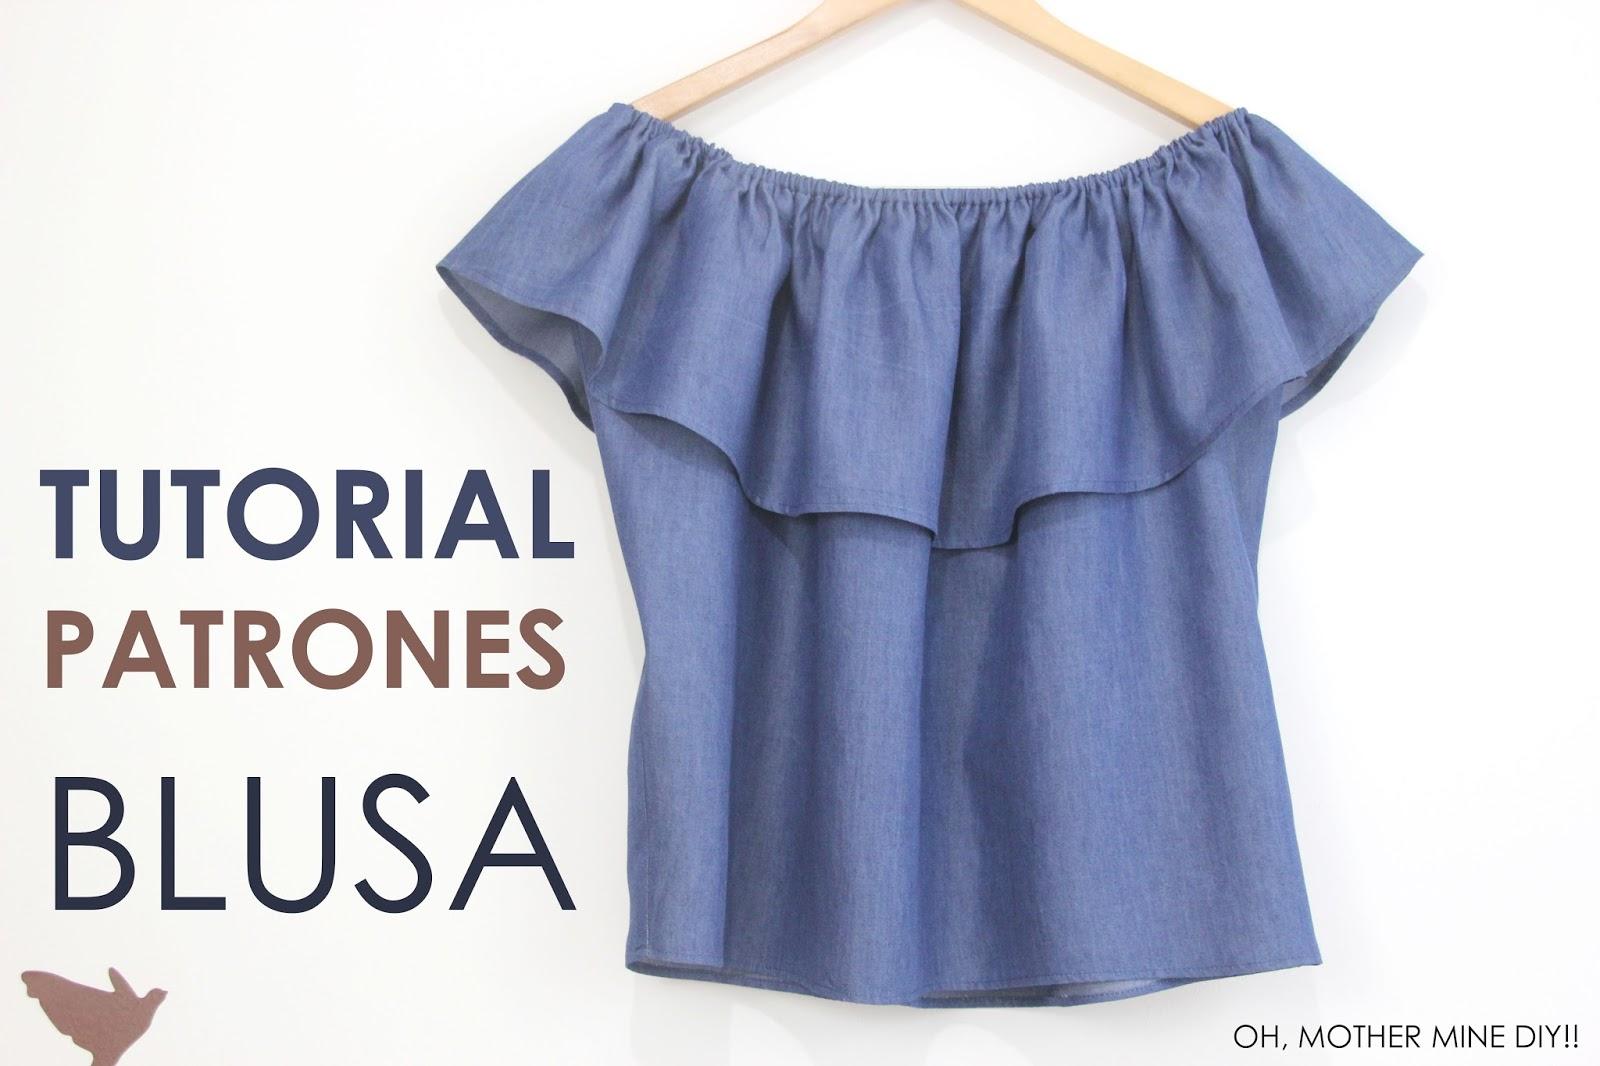 ¿Cómo hacer unas pinzas de cintura? Bienvenidos a esta nueva clase, donde aprenderemos a transformar la camisa de un hombre en una blusa para mujer y también a hacer pinzas de cintura, y un adicional para actuar con responsabilidad social.